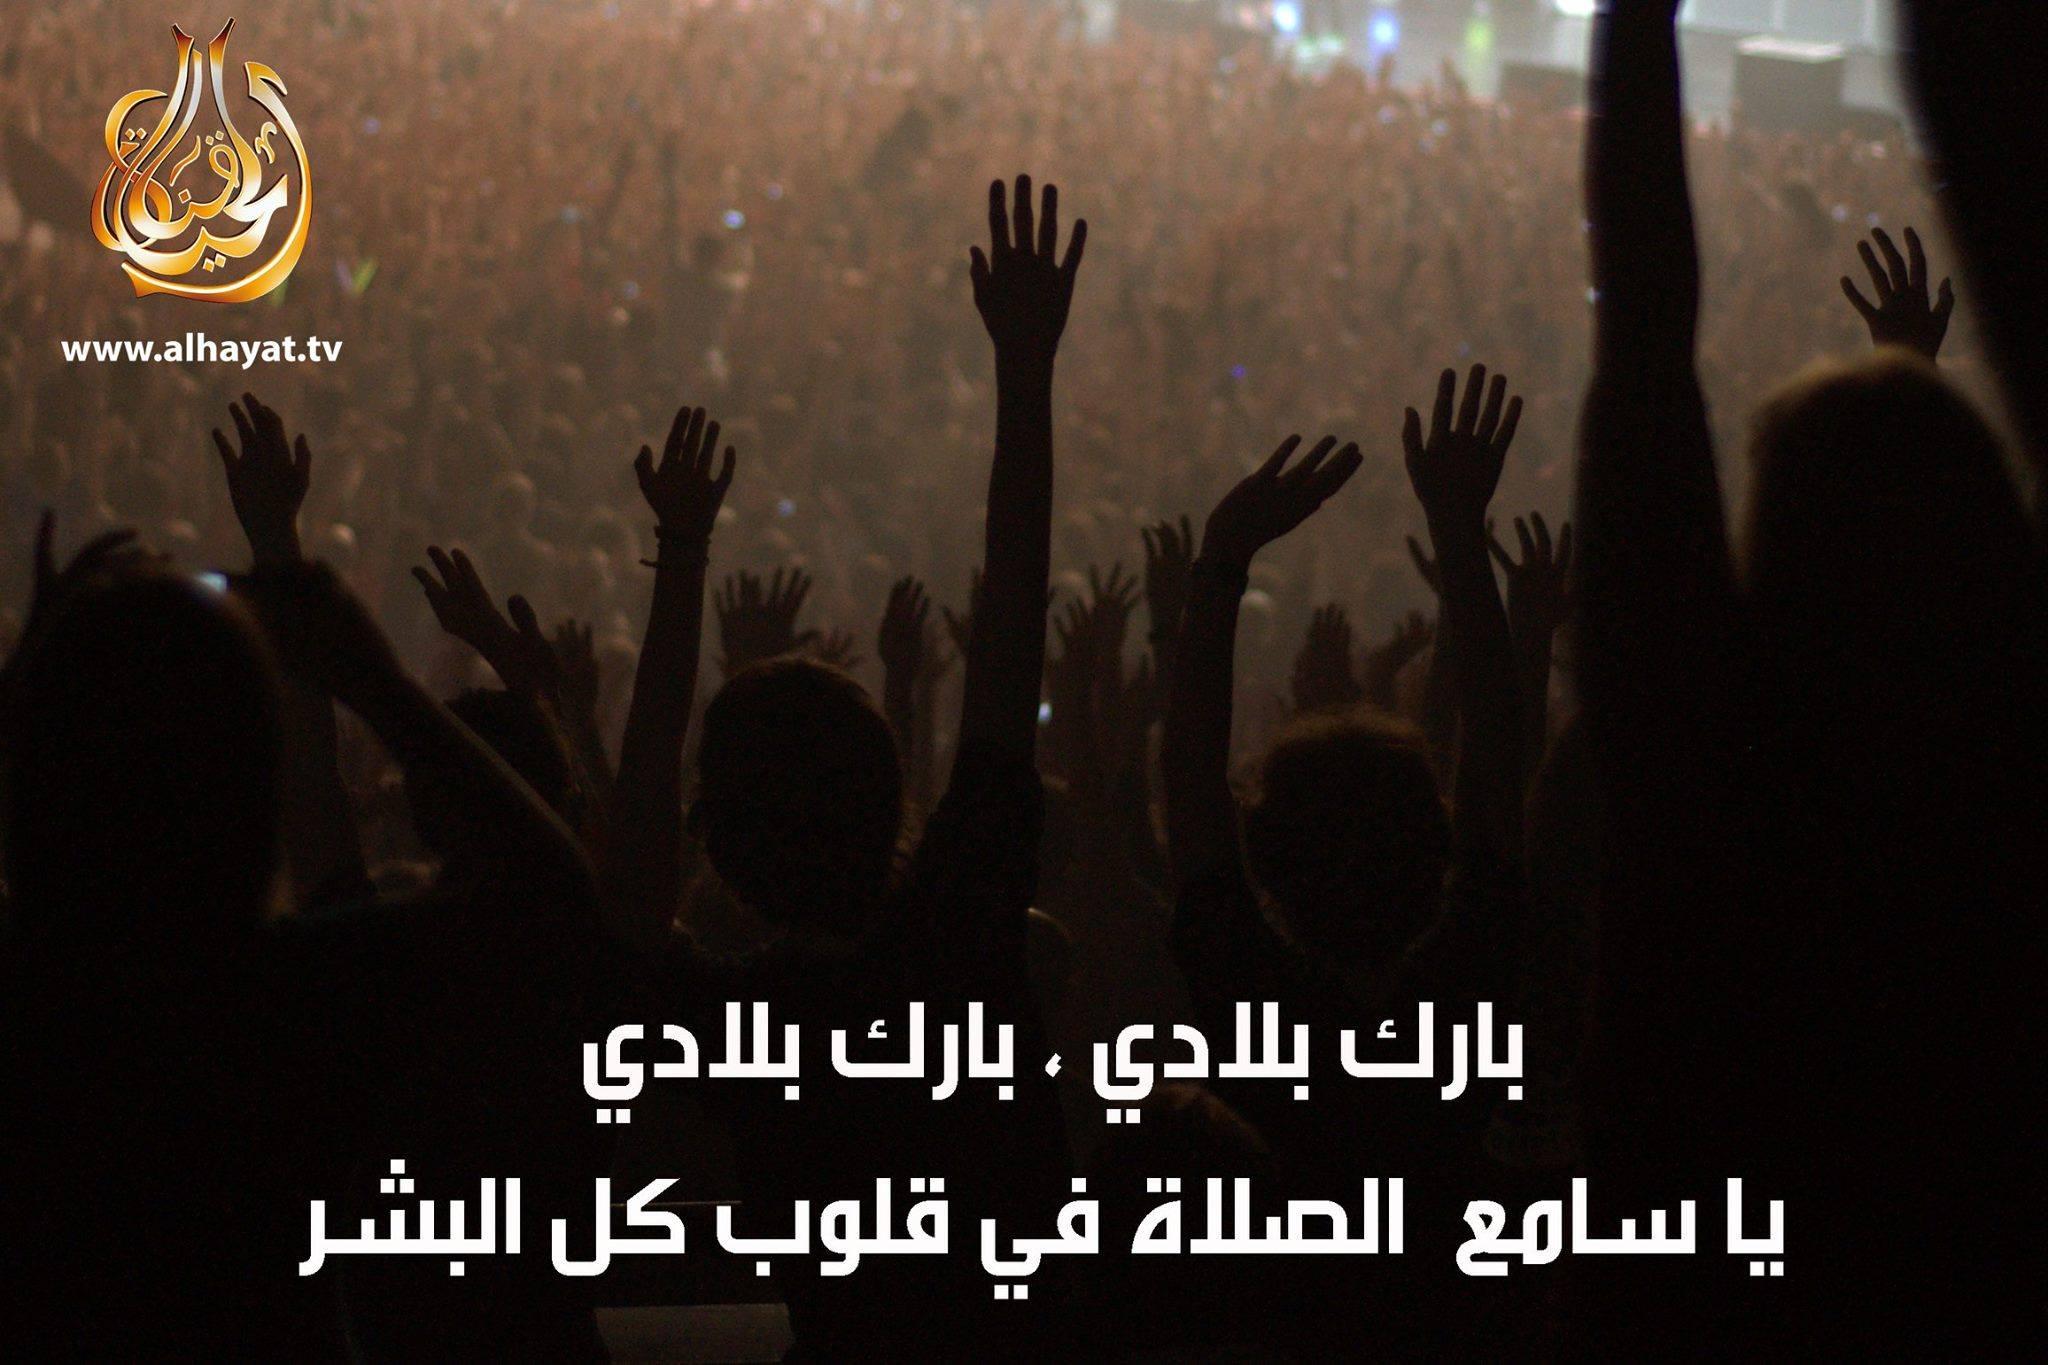 بارك بلادي يا الله ..